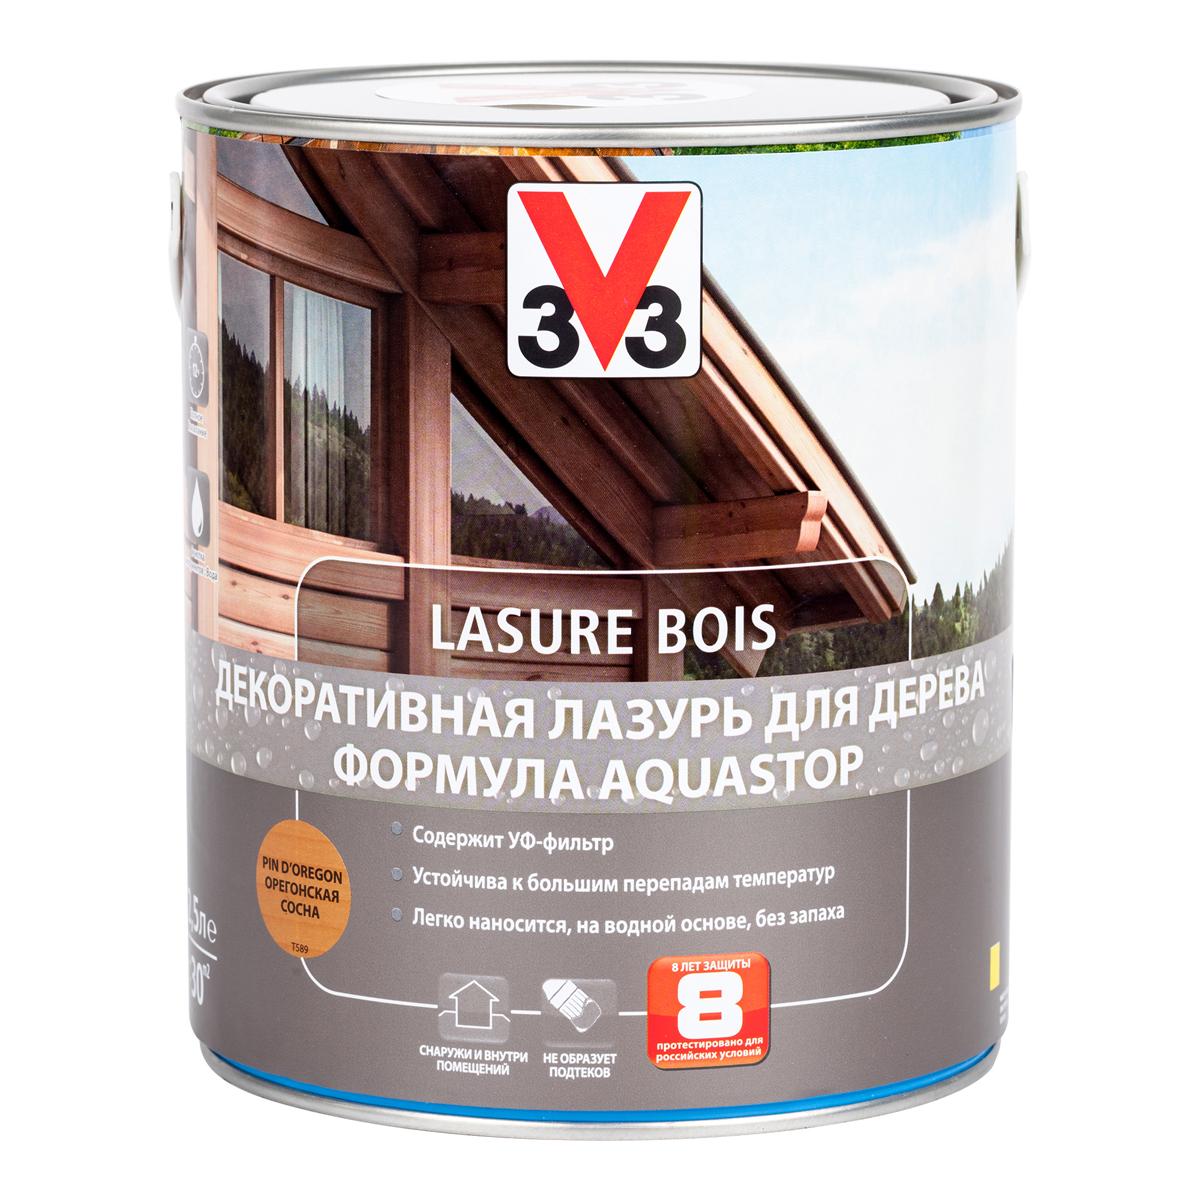 """Лазурь для дерева декоративная V33 """"Aquastop"""", цвет: орегонская сосна, на водной основе, 2,5 л 107836"""